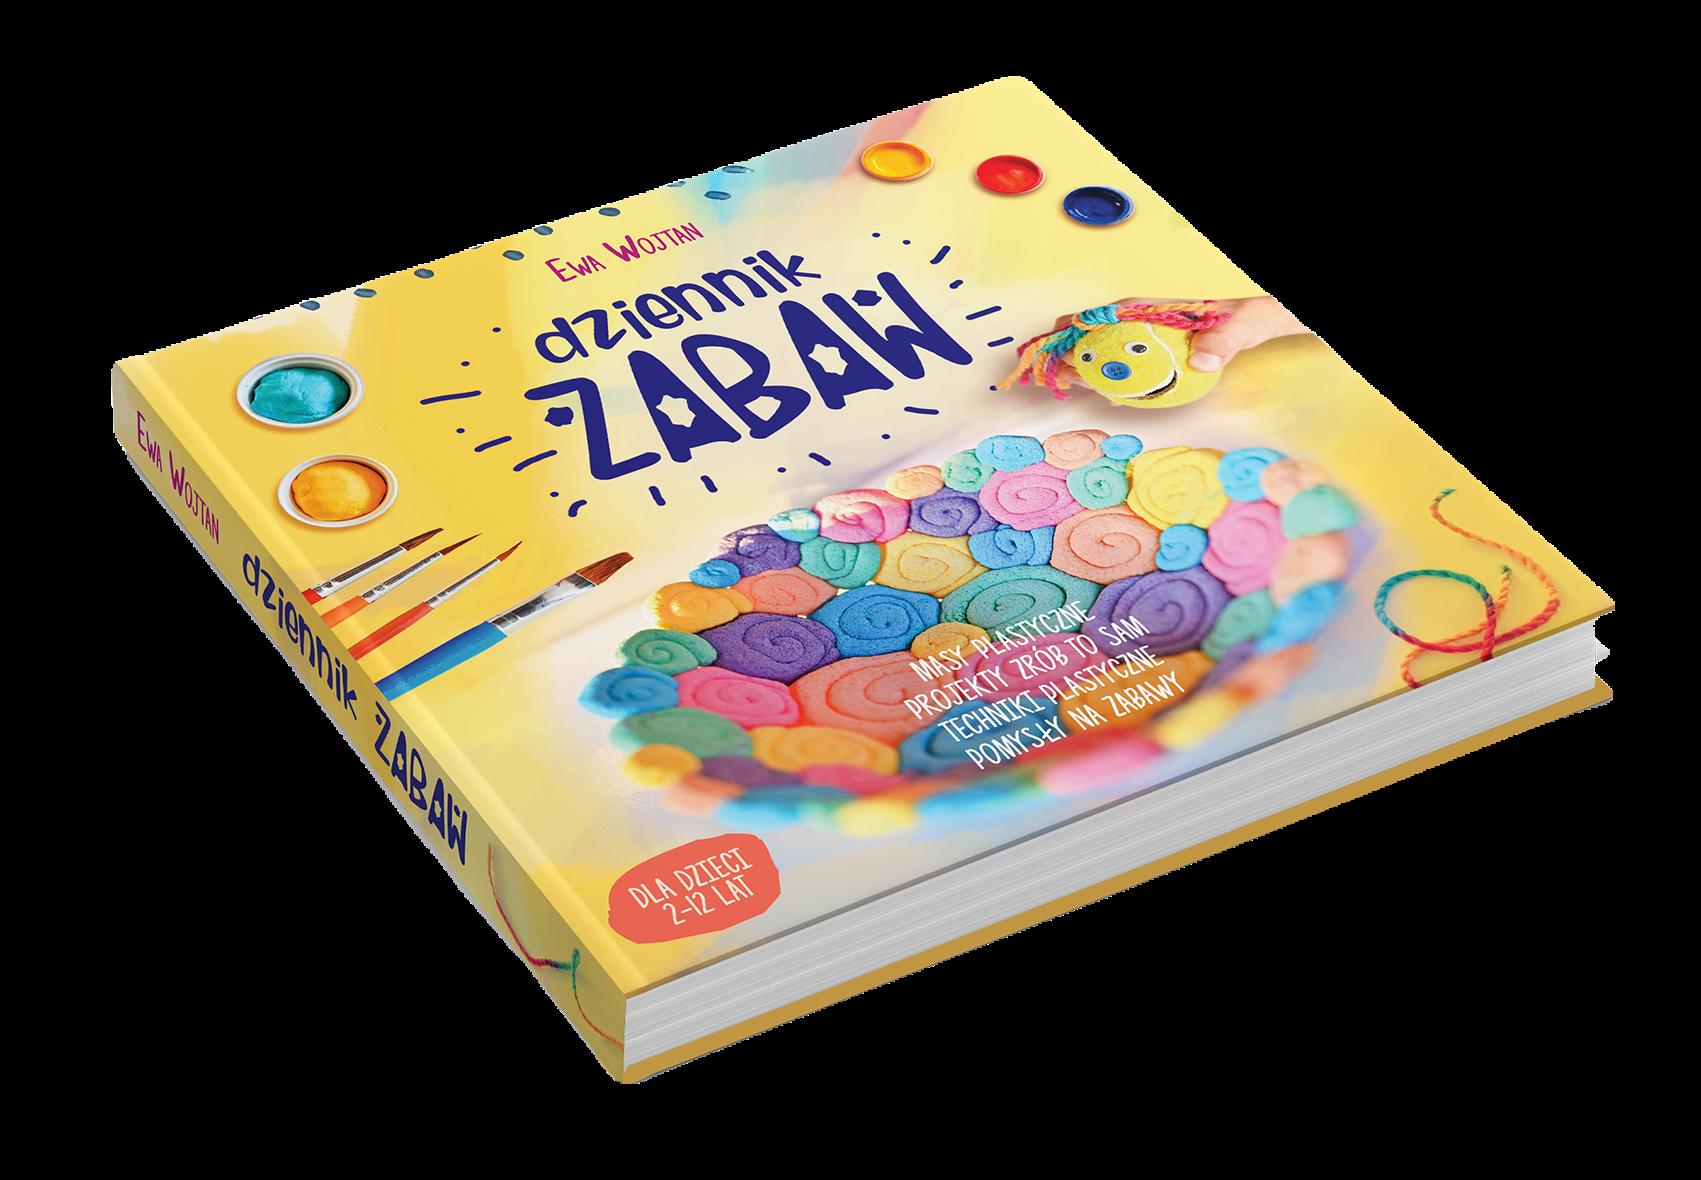 dziennik zabaw ewa wojtan, książka moje dzieci kreatywnie, pomysły na zabawy dla dzieci